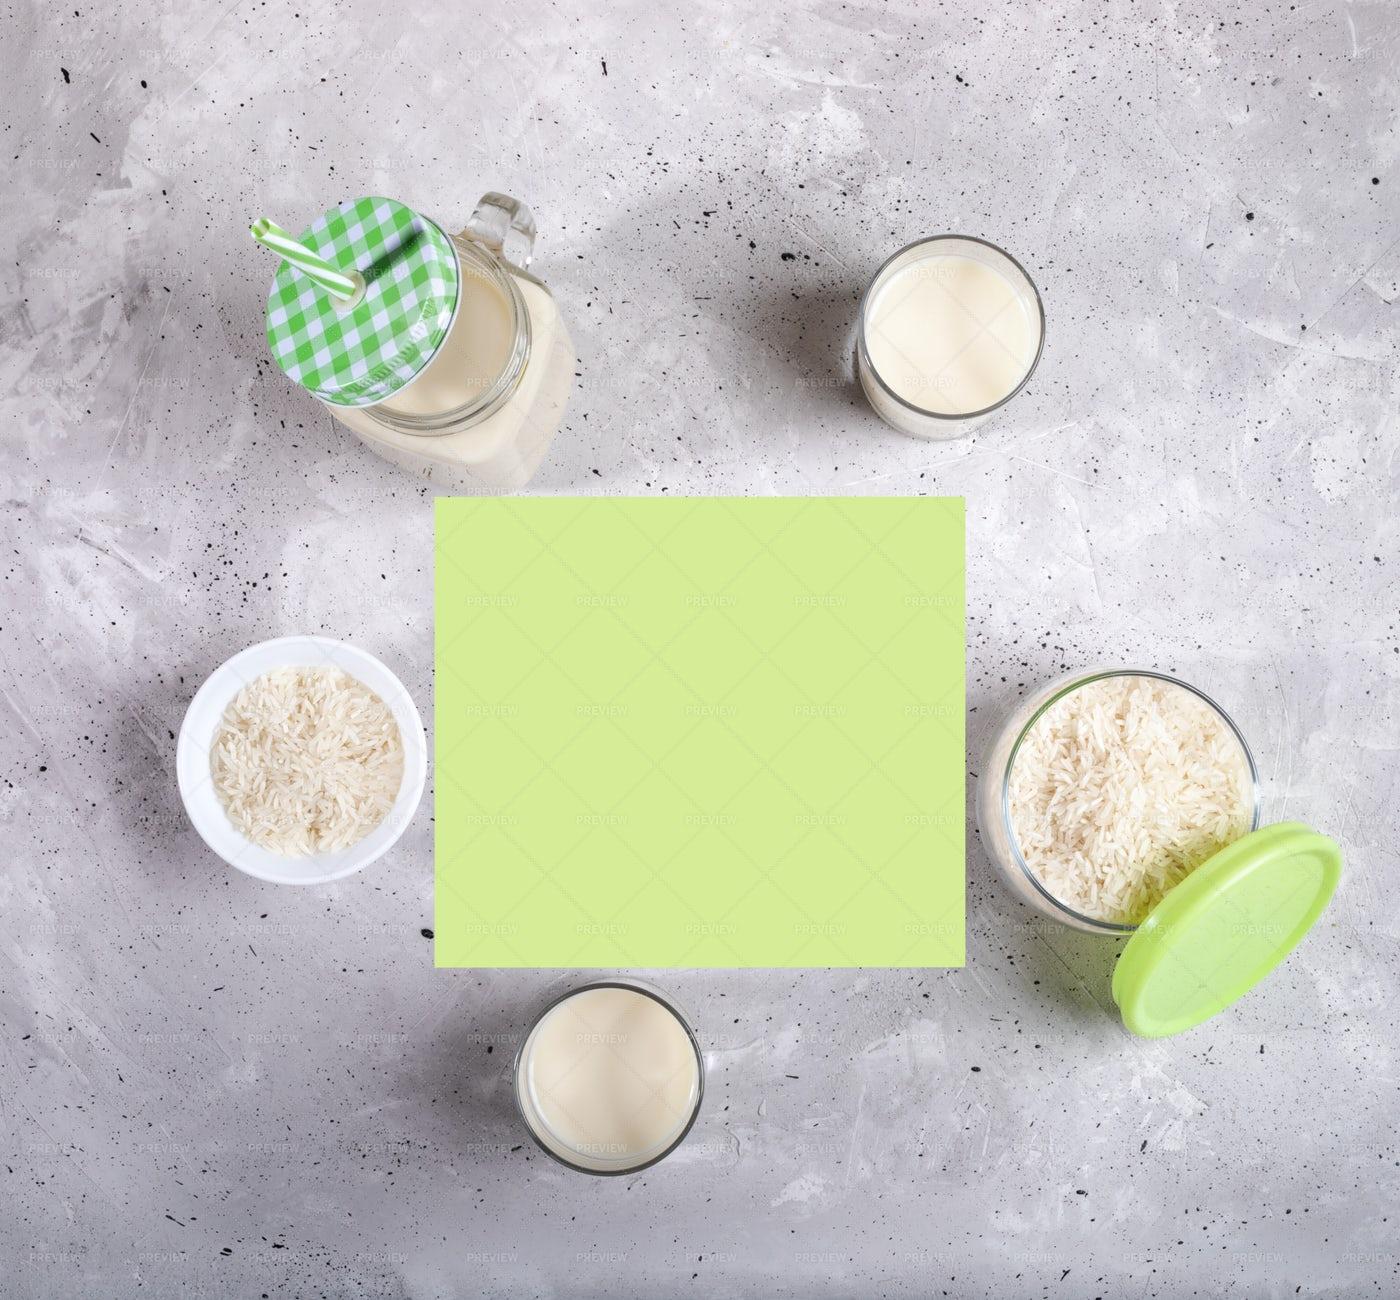 Rice Milk And Seeds: Stock Photos